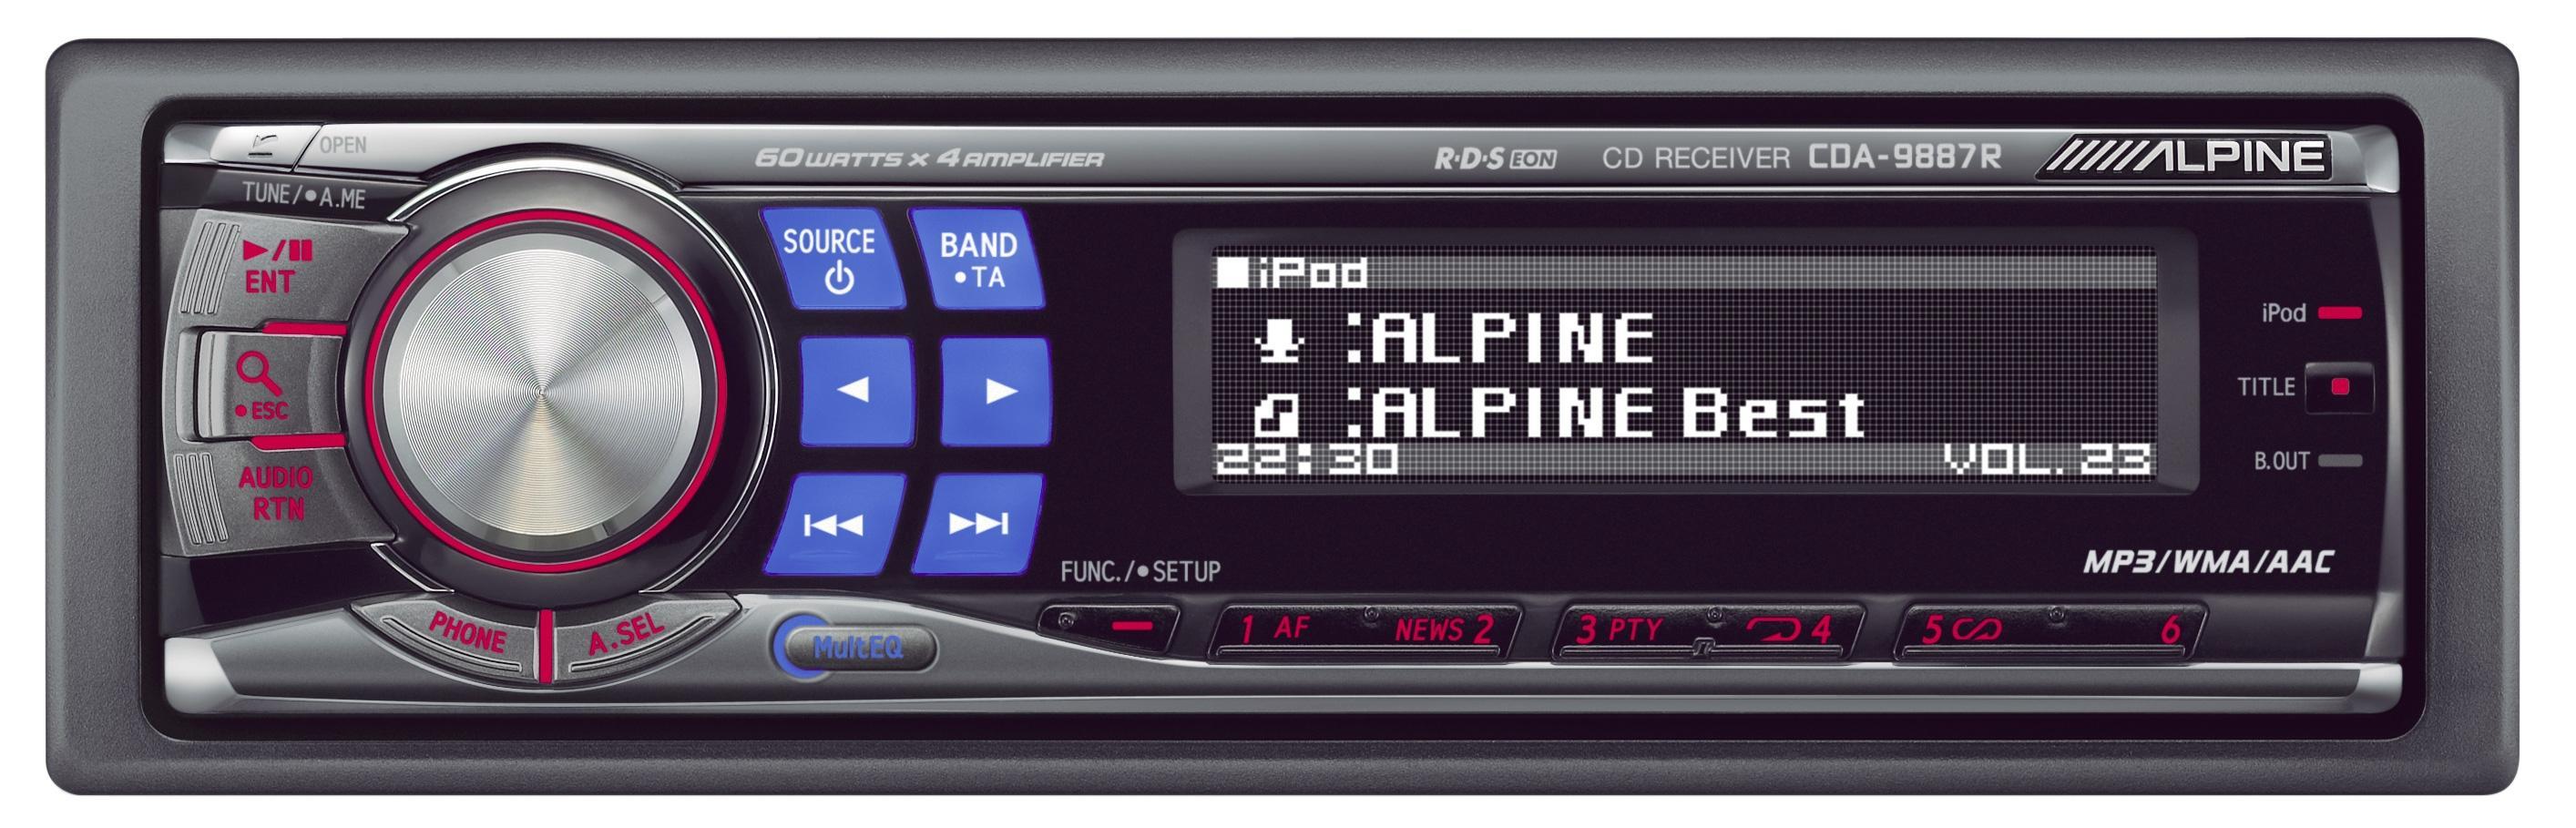 автомагнитола alpine cde 9881r инструкция пользователя